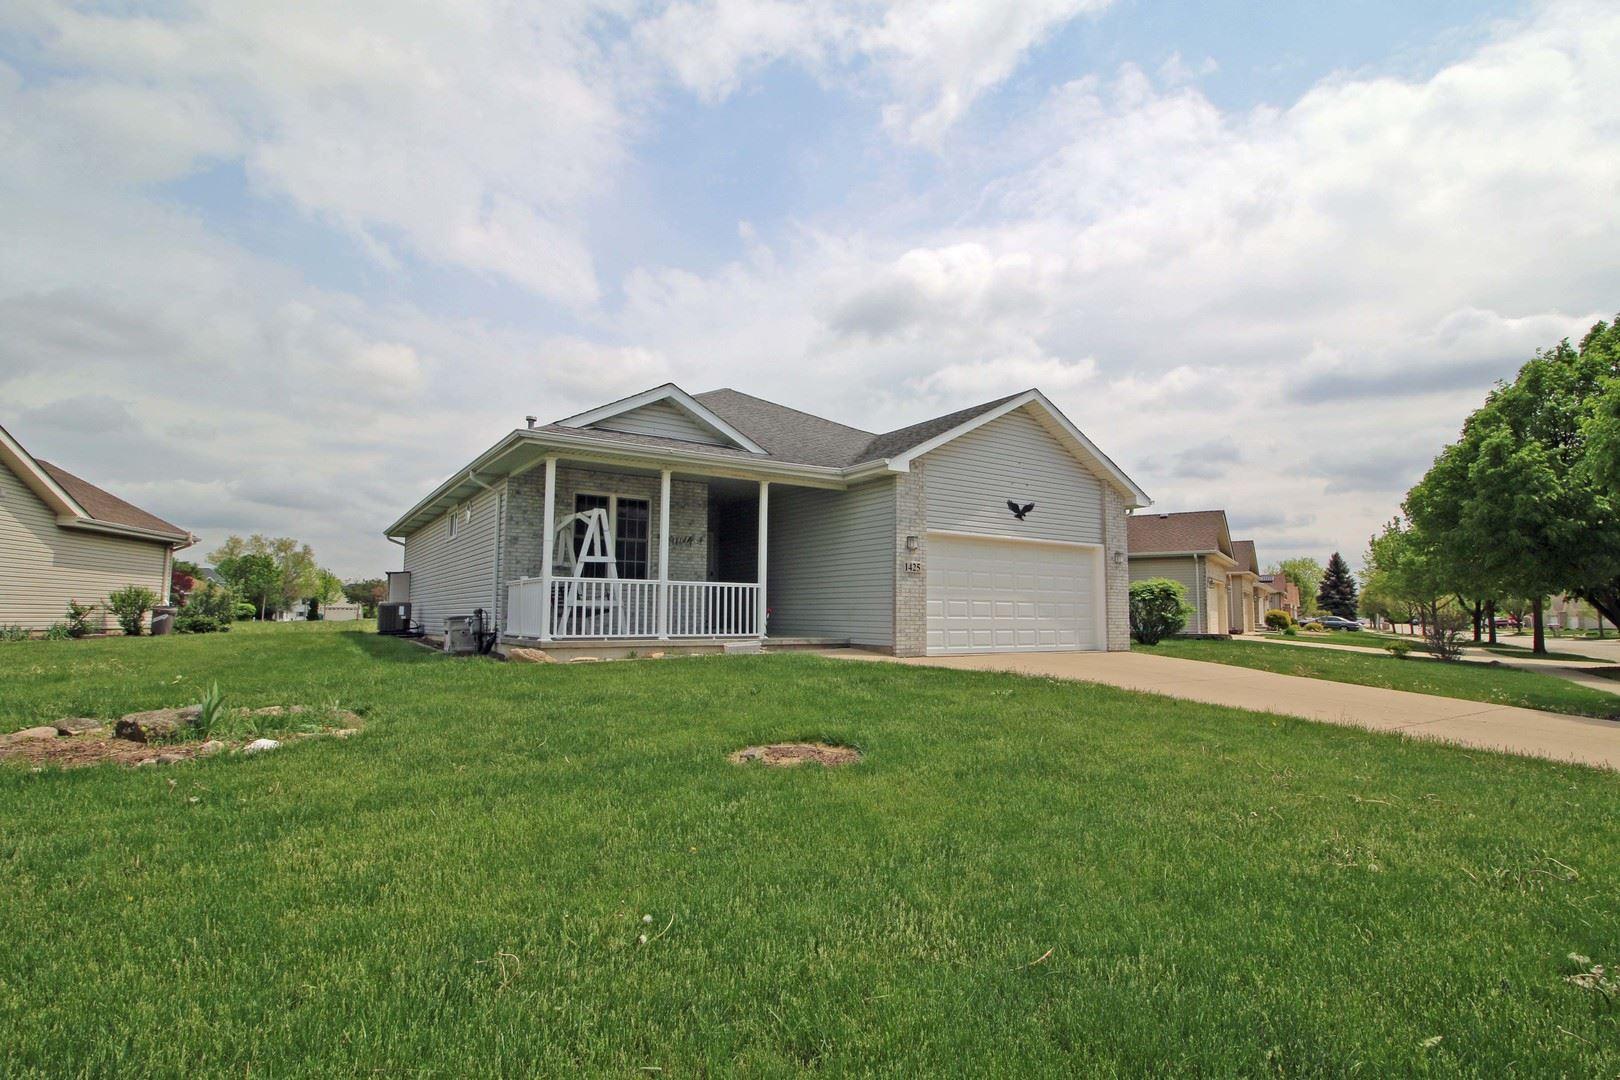 Photo of 1425 Coral Bell Drive, Joliet, IL 60435 (MLS # 11079336)